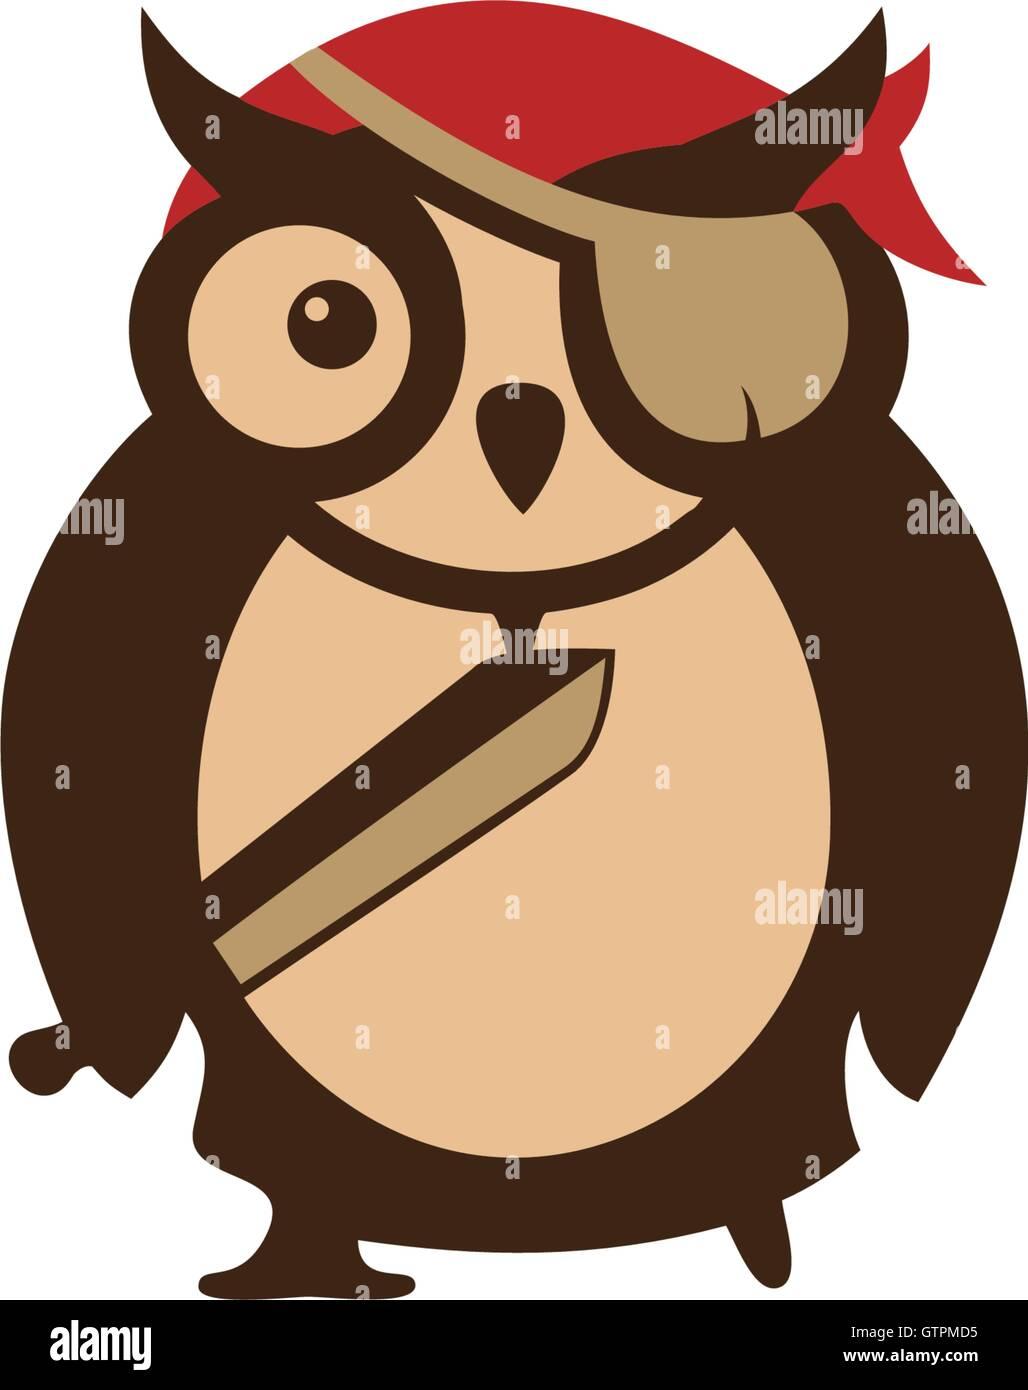 cartoon logo icon template owl design pirate icon logo vector